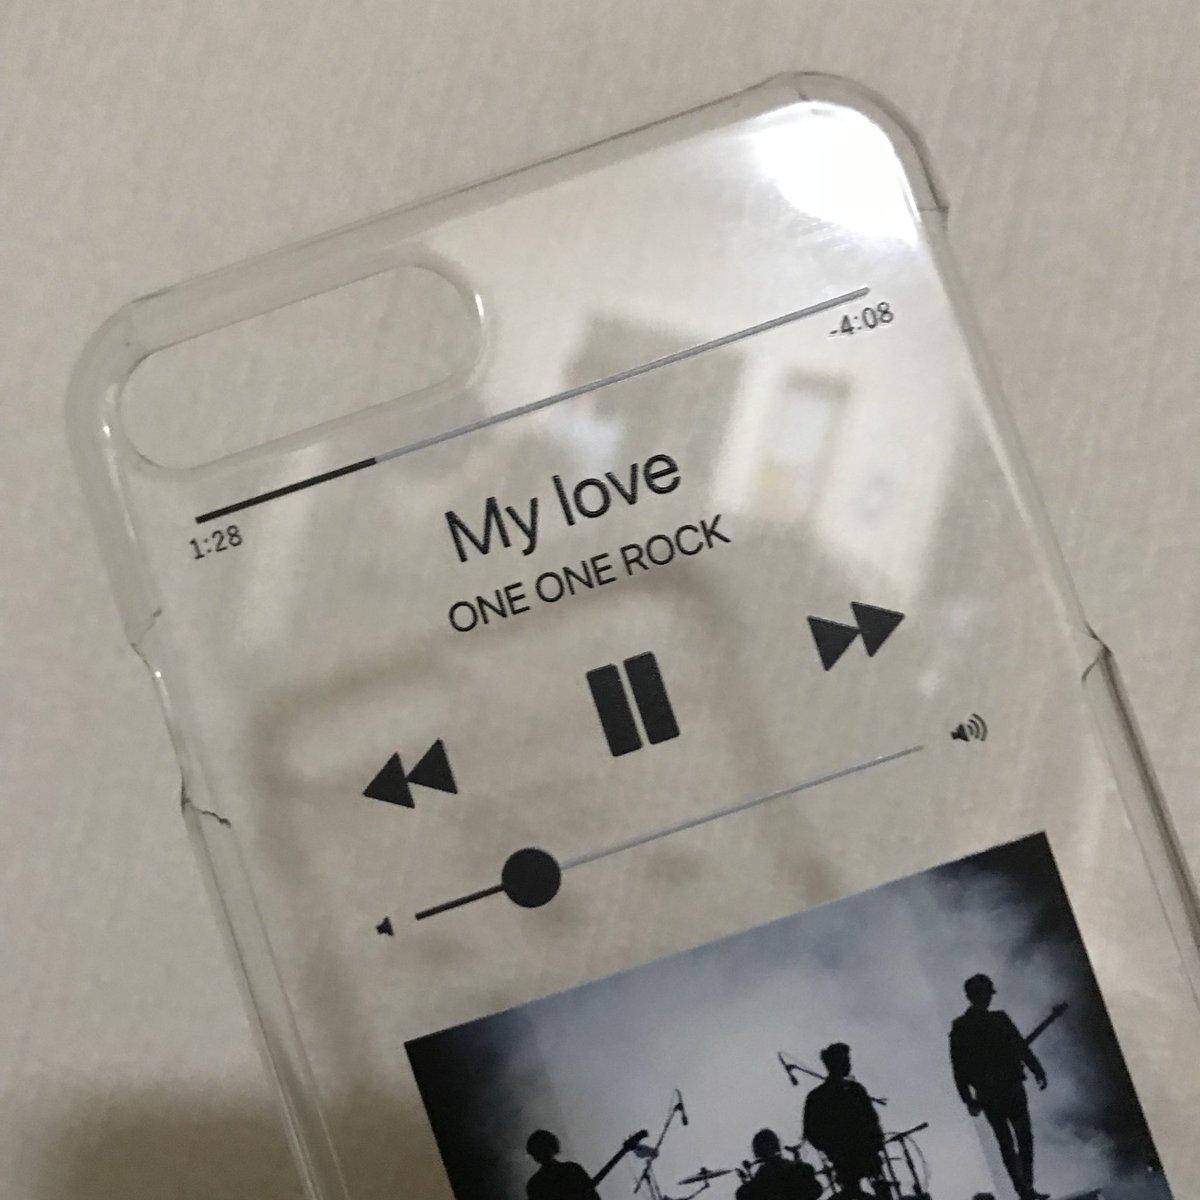 あのなあ。iPhoneケース届いたんだけど多分テキスト打つときに予測変換で打ち間違えてone ok rockではなくわんわんロックになりました これ盛大にネタだからもう自分でも笑うしかない。どうぞみんなも笑ってください